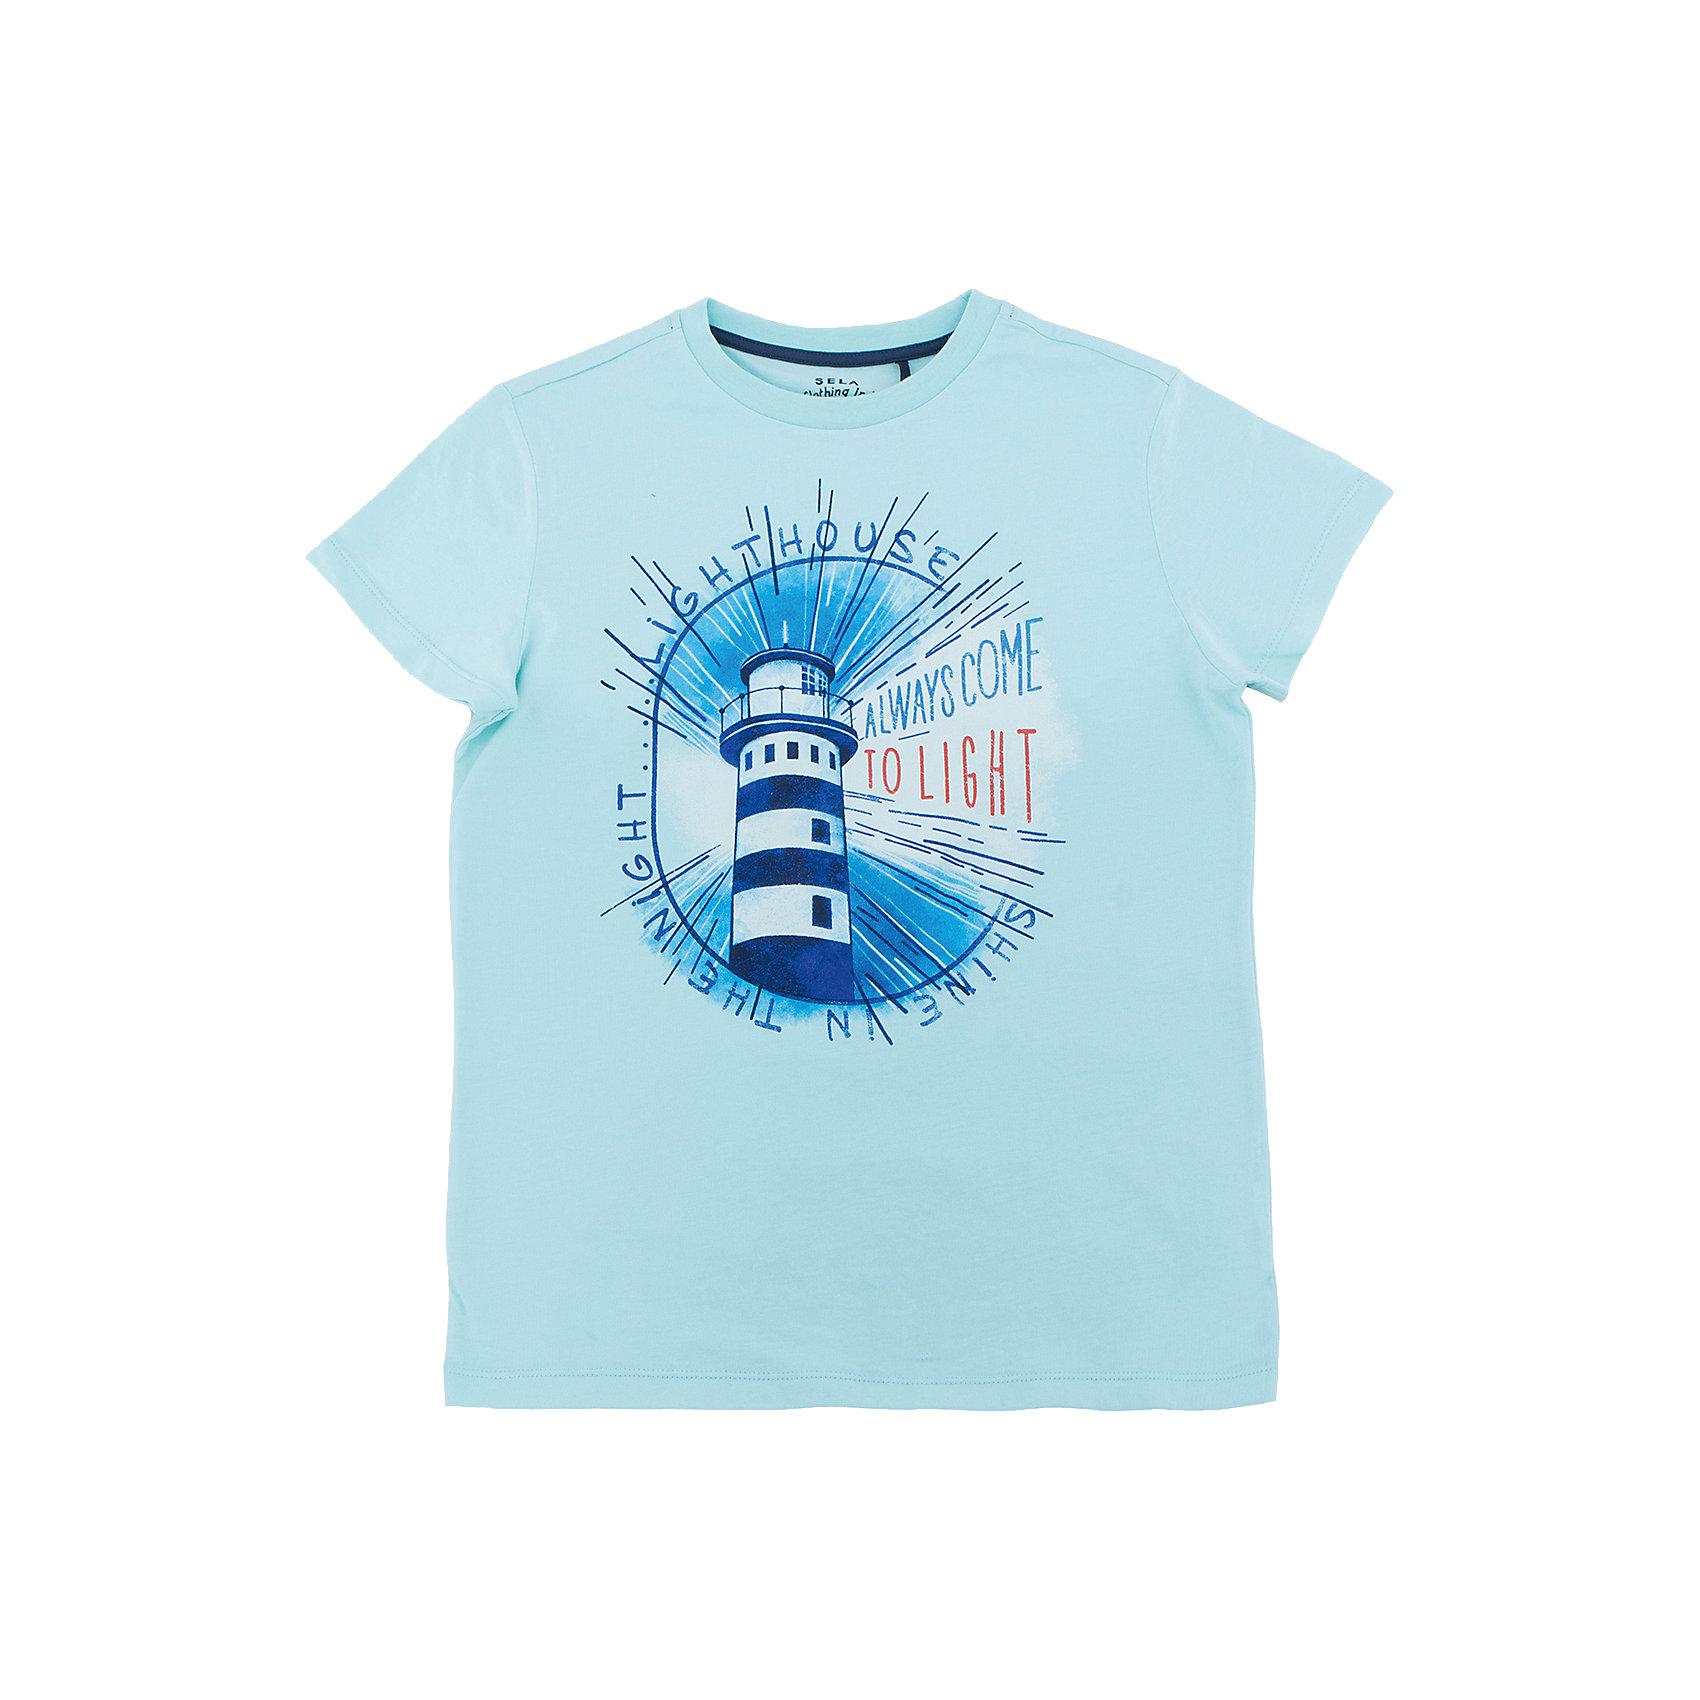 Футболка  для мальчика SELAФутболки, поло и топы<br>Характеристики товара:<br><br>• состав: 100% хлопок<br>• декорирована принтом<br>• сезон: лето<br>• рукава короткие<br>• округлый горловой вырез<br>• страна бренда: Россия<br><br>Вещи из новой коллекции SELA продолжают радовать удобством! Эта футболка для мальчика поможет разнообразить гардероб ребенка и обеспечить комфорт. Она отлично сочетается с шортами и брюками. Стильная и удобная вещь!<br>Одежда, обувь и аксессуары от российского бренда SELA не зря пользуются большой популярностью у детей и взрослых! Модели этой марки - стильные и удобные, цена при этом неизменно остается доступной. Для их производства используются только безопасные, качественные материалы и фурнитура. Новая коллекция поддерживает хорошие традиции бренда! <br><br>Футболку для мальчика от популярного бренда SELA (СЕЛА) можно купить в нашем интернет-магазине.<br><br>Ширина мм: 230<br>Глубина мм: 40<br>Высота мм: 220<br>Вес г: 250<br>Цвет: голубой<br>Возраст от месяцев: 120<br>Возраст до месяцев: 132<br>Пол: Мужской<br>Возраст: Детский<br>Размер: 146,140,134,128,122,152<br>SKU: 5304102